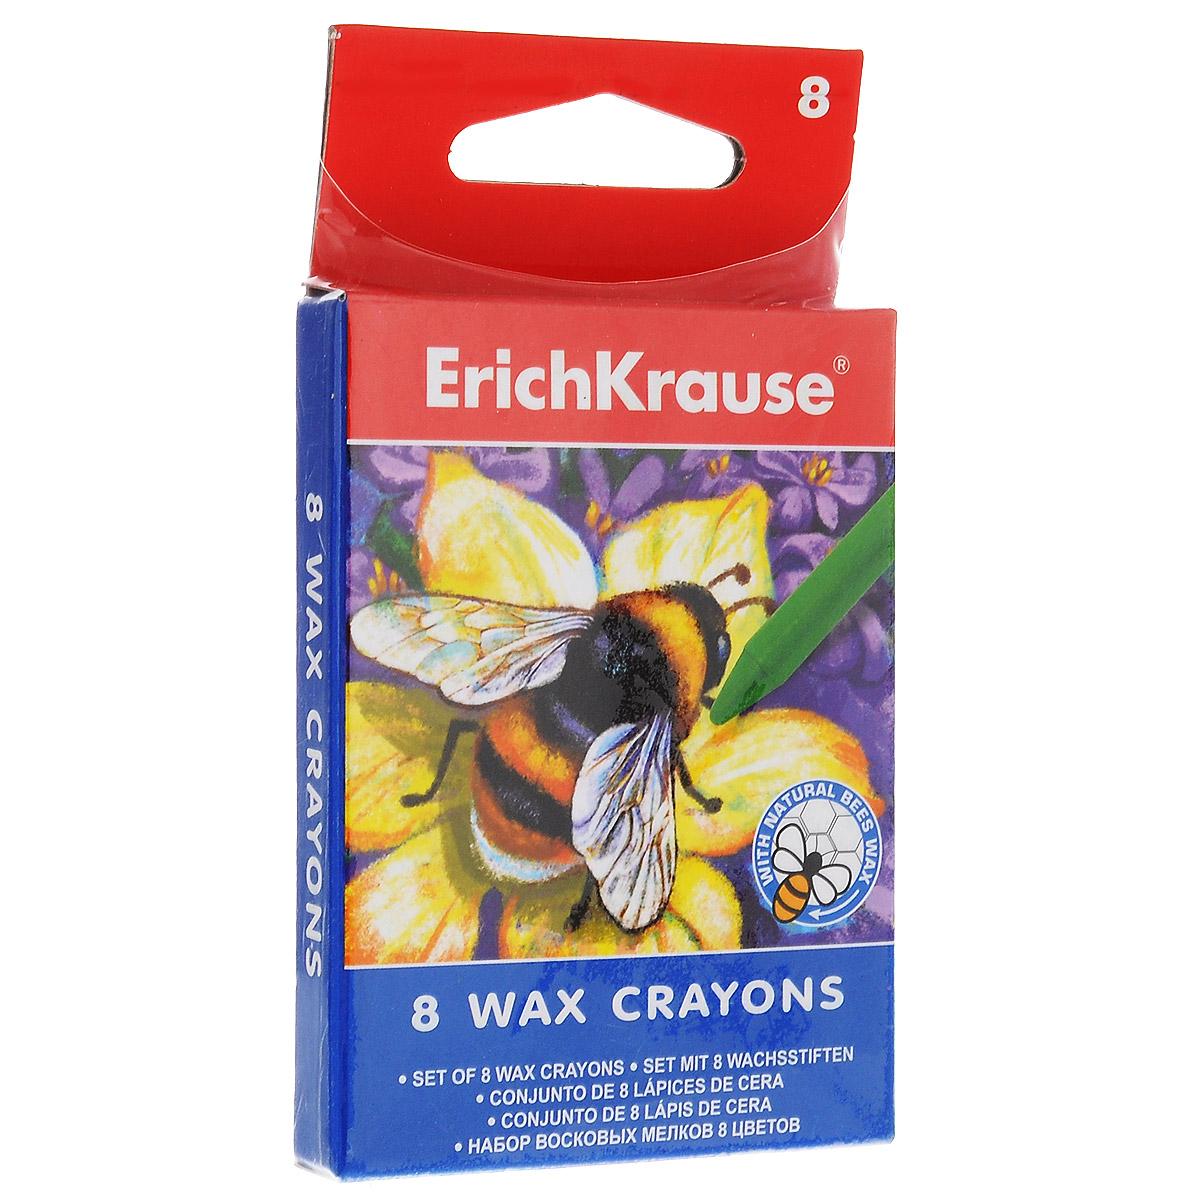 Мелки восковые Erich Krause, 8 цветов34929Восковые мелки Erich Krause Art Berry содержит мелки 8 ярких насыщенных цветов и оттенков. Мелки обеспечивают удивительно мягкое письмо, обладают отличными кроющими свойствами. Не токсичны и абсолютно безопасны. Подходят для рисования на бумаге и картоне. Имеют специально разработанный состав на основе пчелиного воска.Восковые мелки Erich Krause Art Berry откроют юным художникам новые горизонты для творчества, а также помогут отлично развить мелкую моторику рук, цветовое восприятие, фантазию и воображение, способствуют самовыражению.